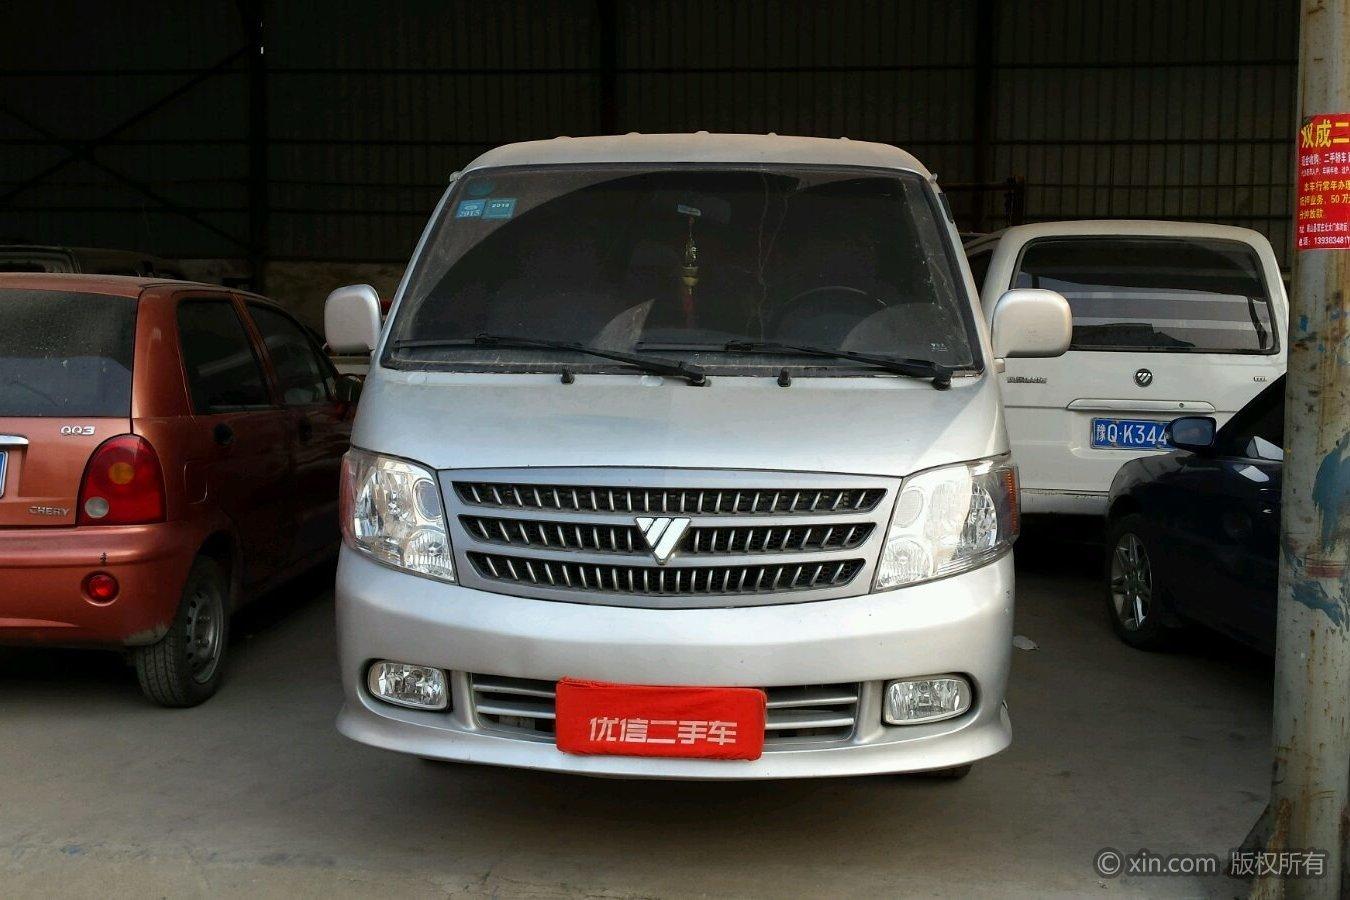 福田 风景爱尔法 2008款 2.8t 手动 柴油版9座快运